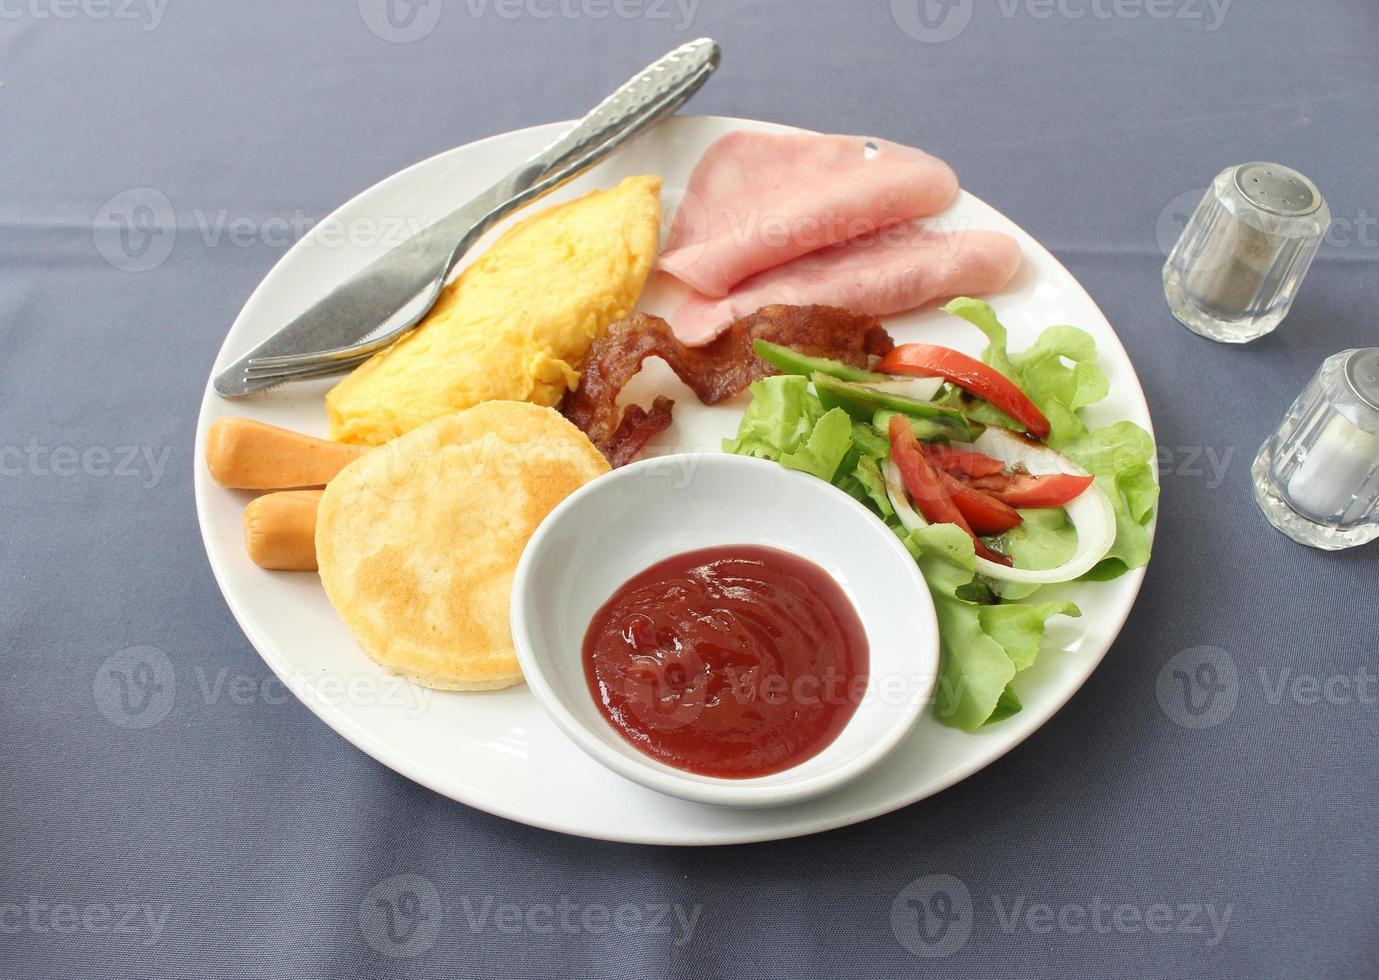 ontbijt op een bord foto